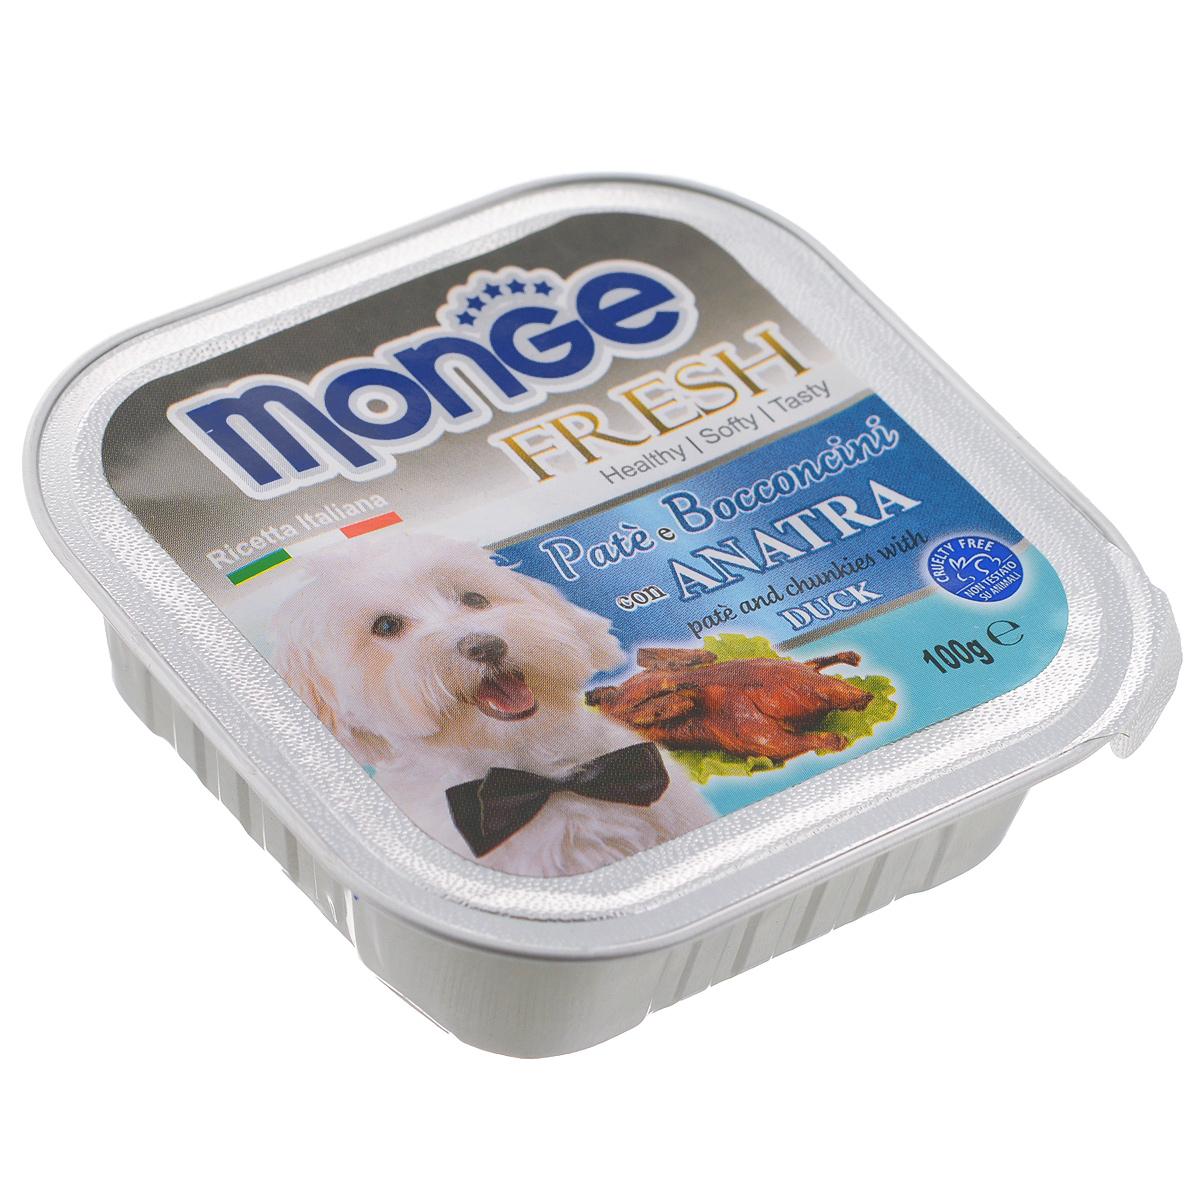 Консервы для собак Monge Fresh, с уткой, 100 г12260324Консервы для собак Monge Fresh - это полнорационный корм для собак. Паштет с мясом утки. Состав: свежее мясо 80% (содержание утки мин. 10%), минеральные вещества, витамины. Технологические добавки: загустители и желирующие вещества. Анализ компонентов: белок 9%, жир 7%, сырая клетчатка 0,5%, сырая зола 1,2%, влажность 82%. Витамины и добавки на 1 кг: витамин А 3000МЕ, витамин D3 400 МЕ, витамин Е 15 мг. Товар сертифицирован.